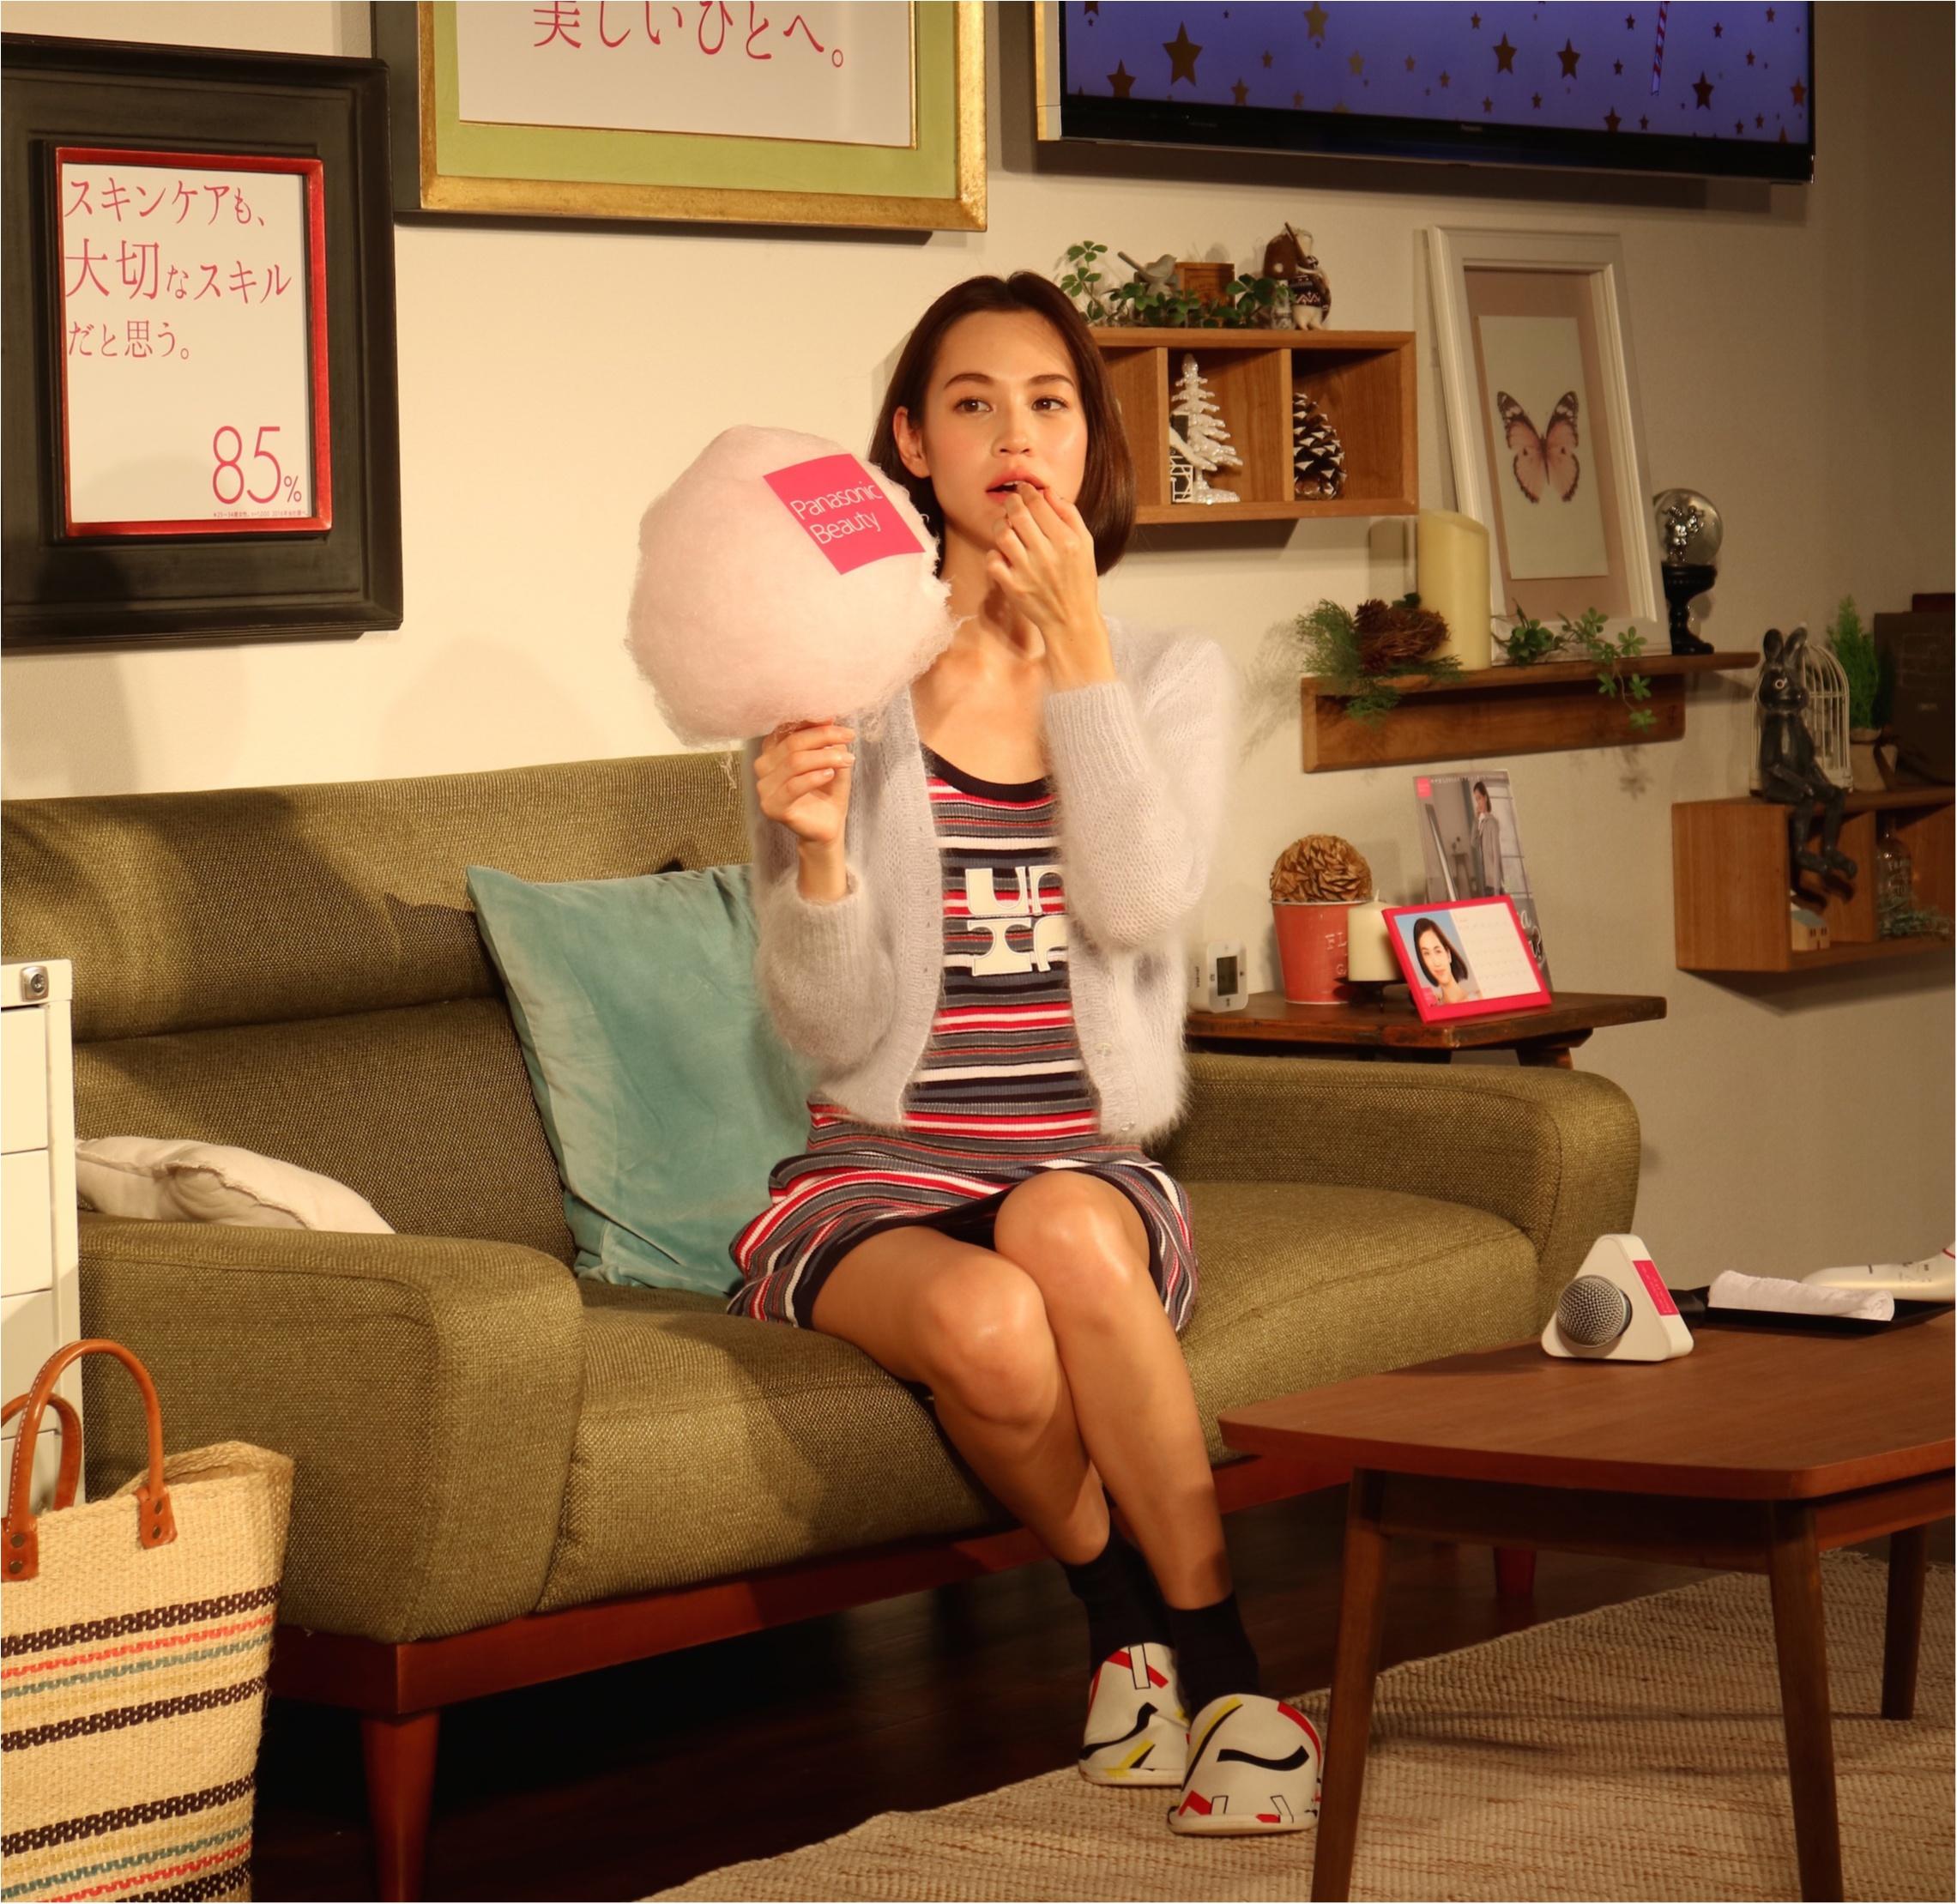 水原希子さんとネコの2ショットに癒された♡ 『パナソニックビューティ』オープニングイベントレポート!_3